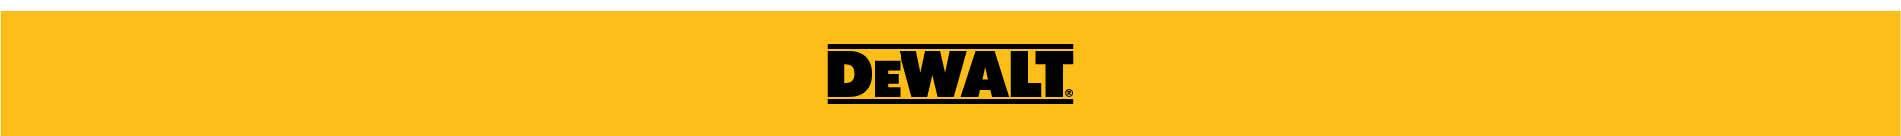 DeWalt Brand Banner